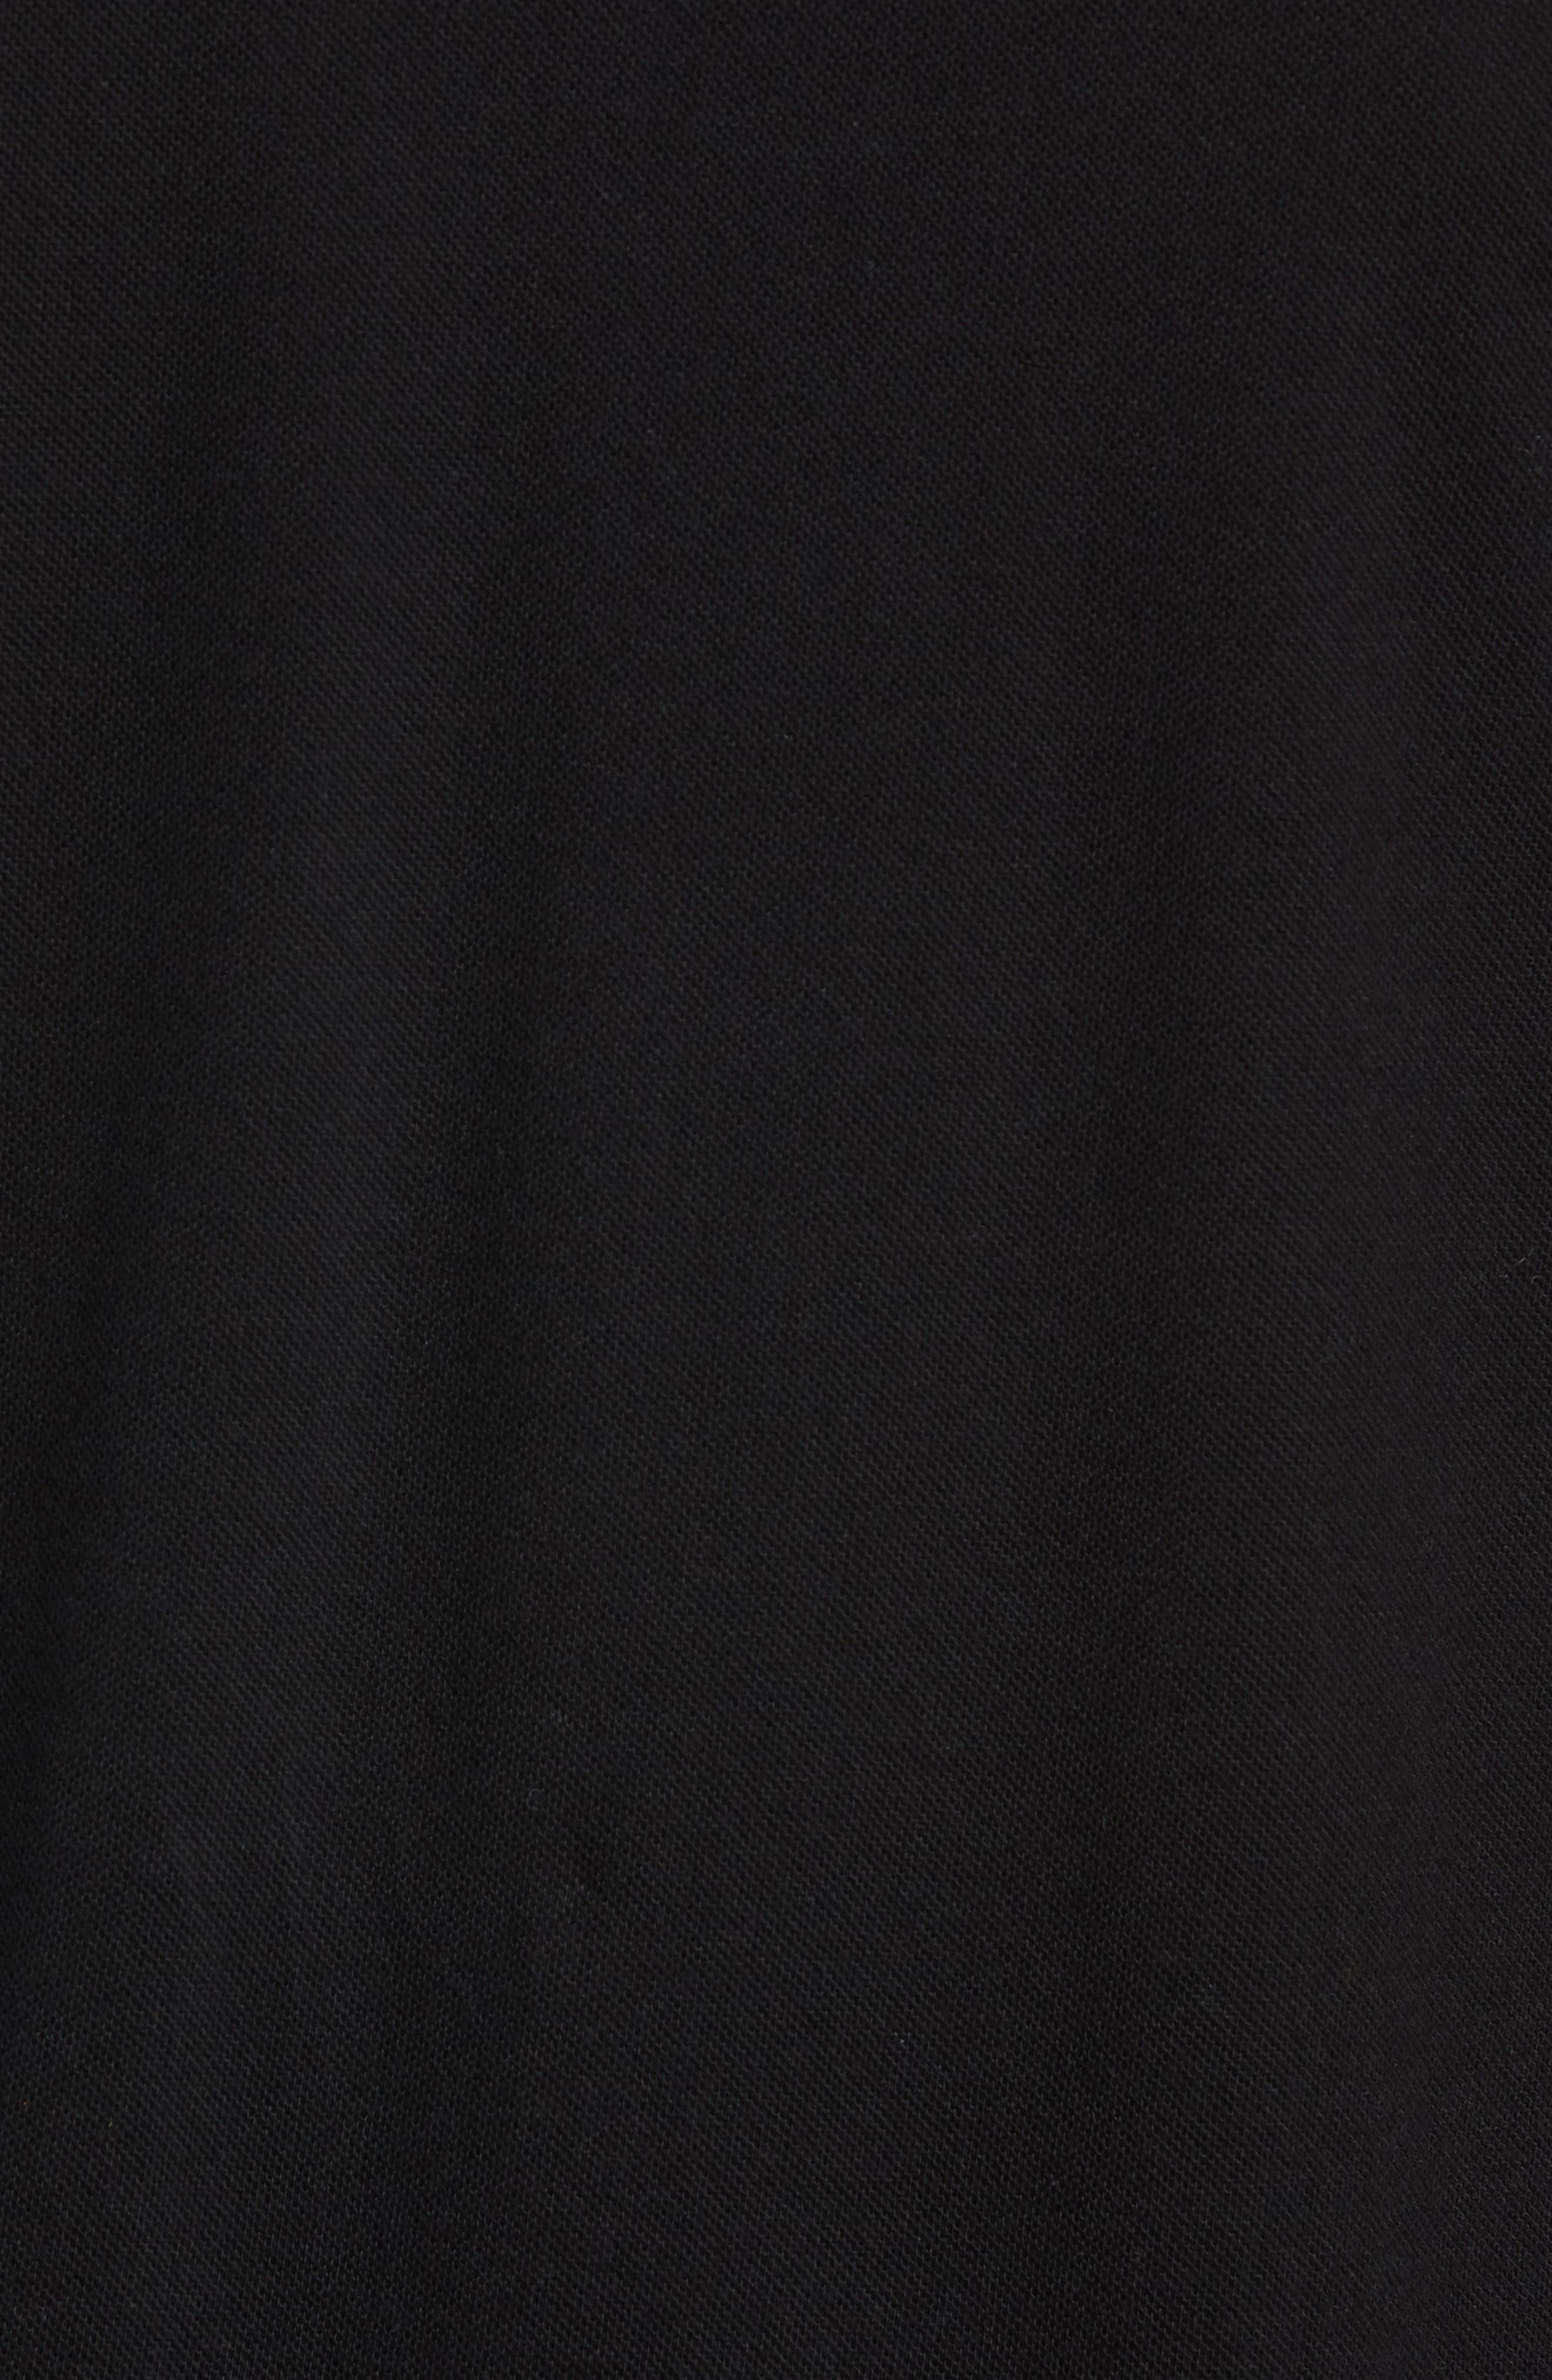 Check Tip Long Sleeve Piqué Polo,                             Alternate thumbnail 5, color,                             BLACK